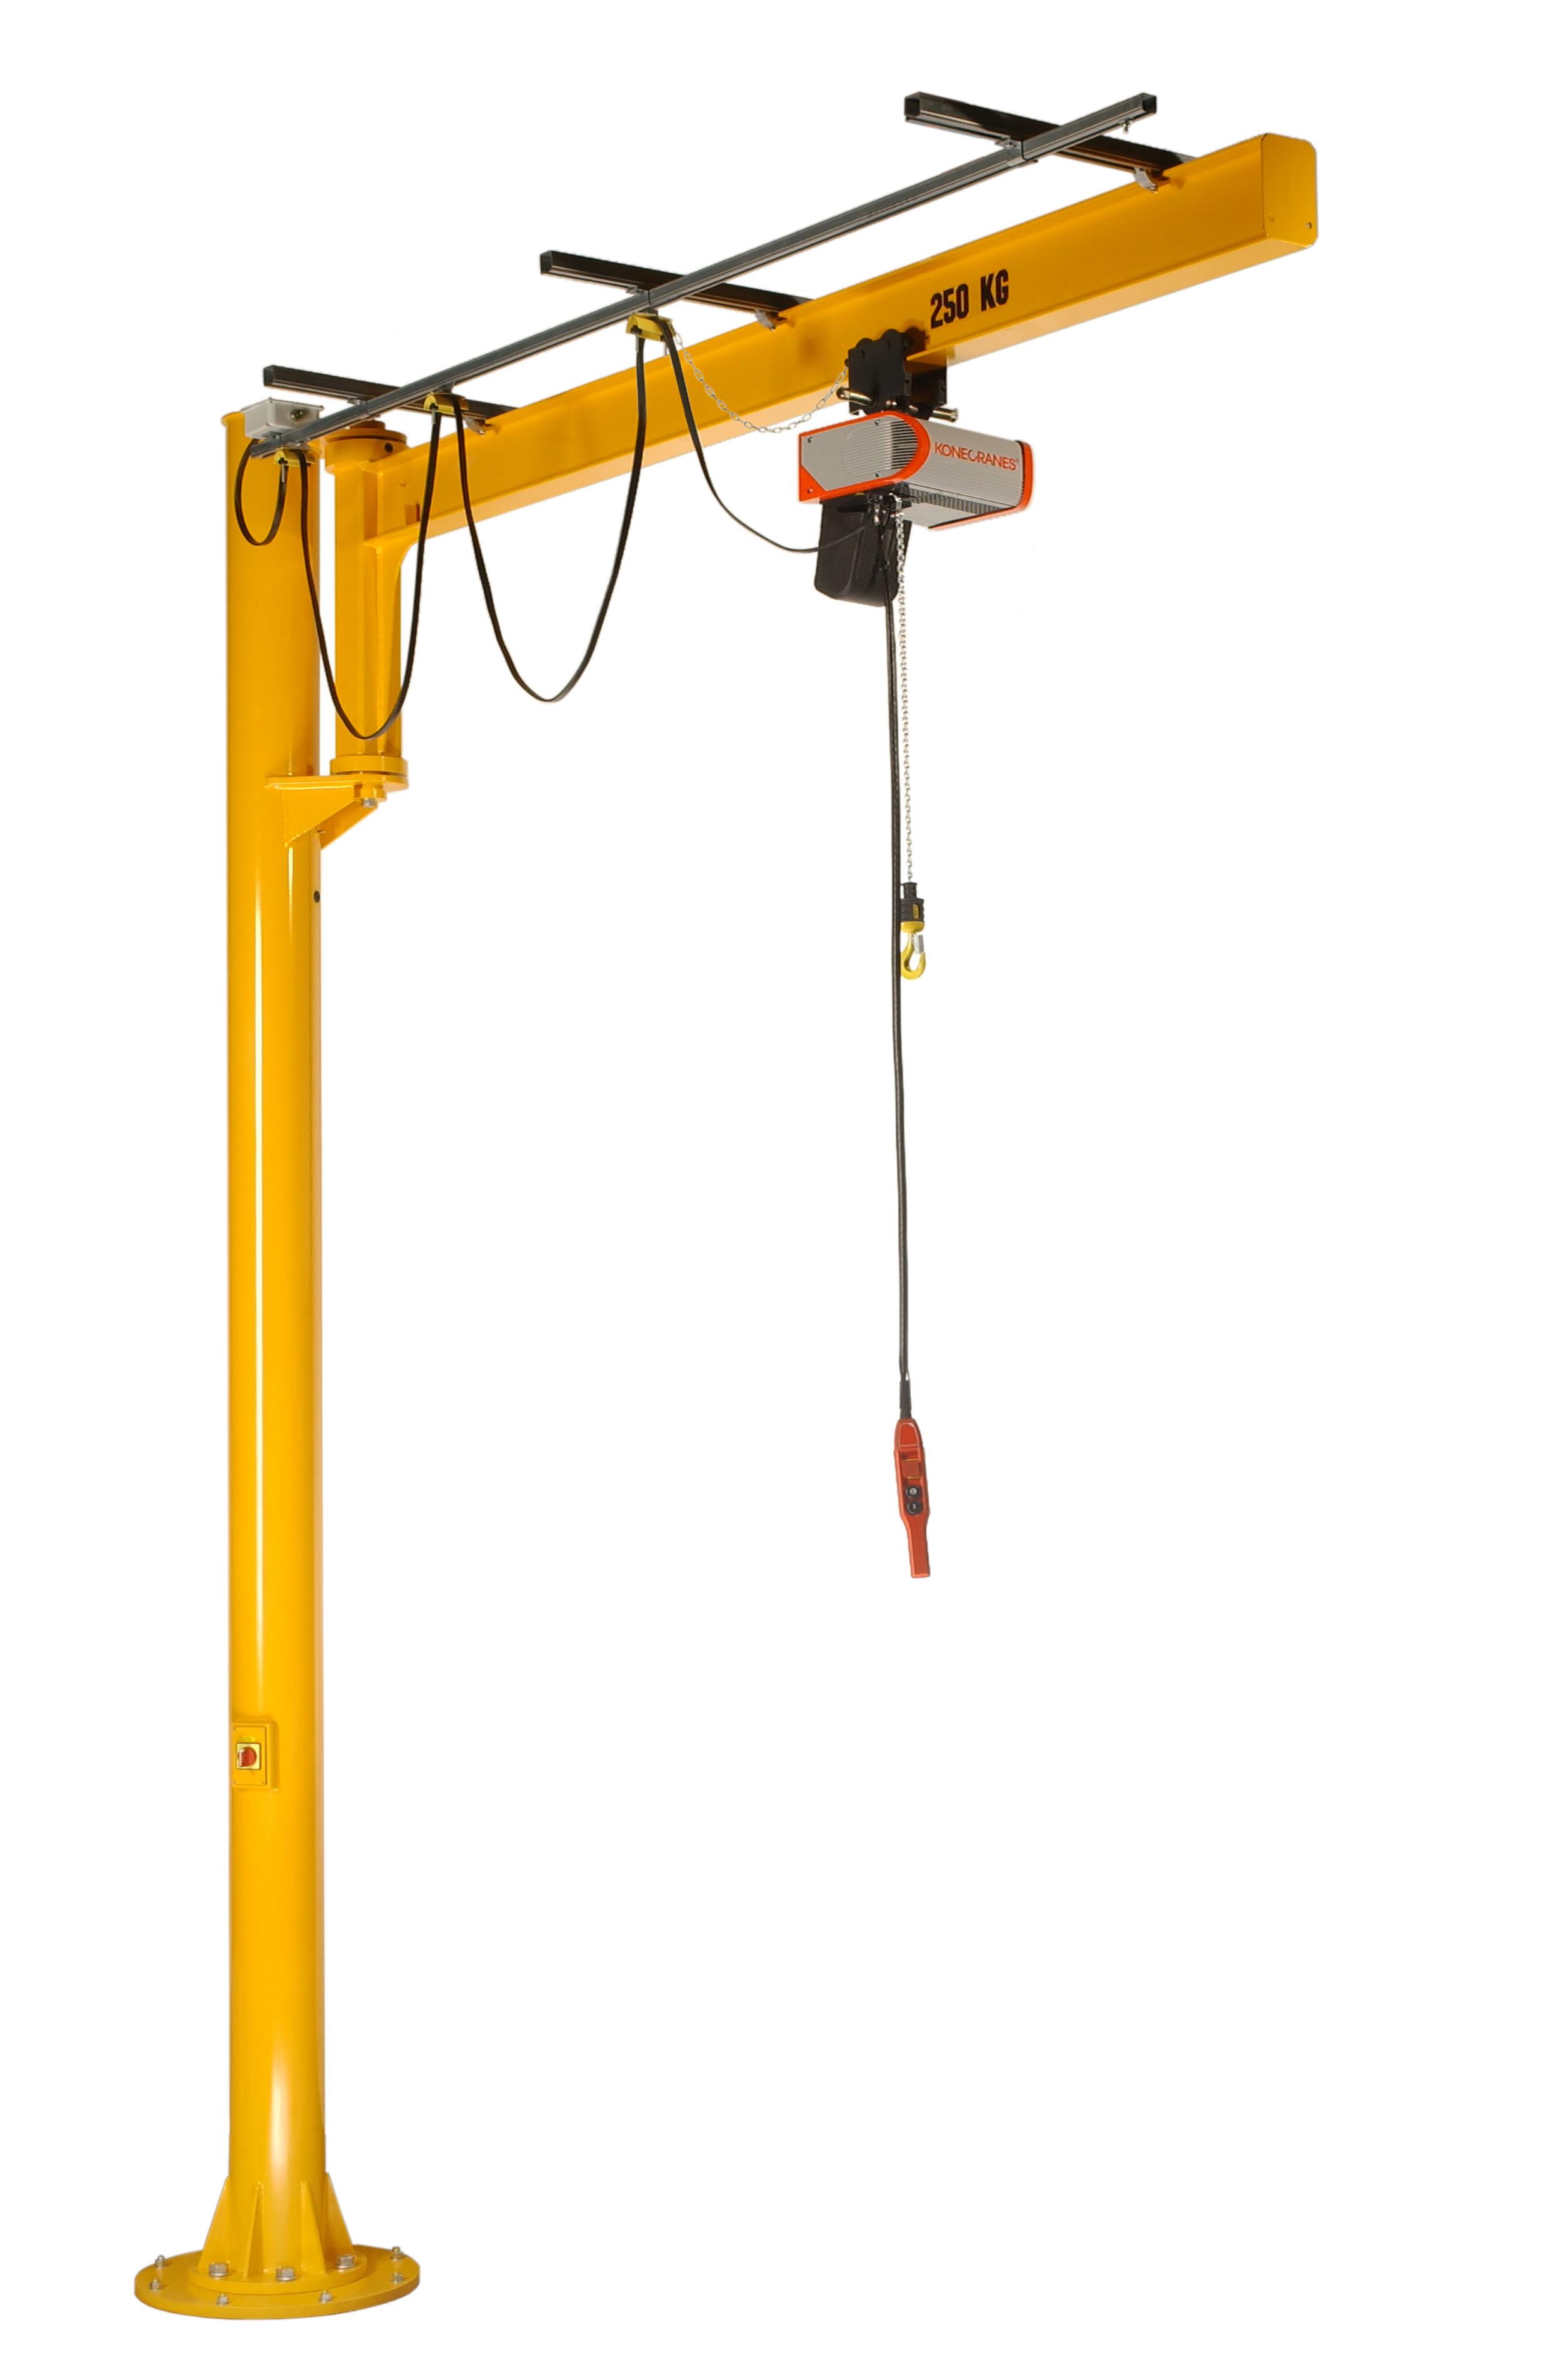 Jib Cranes Images : Jib cranes konecranes